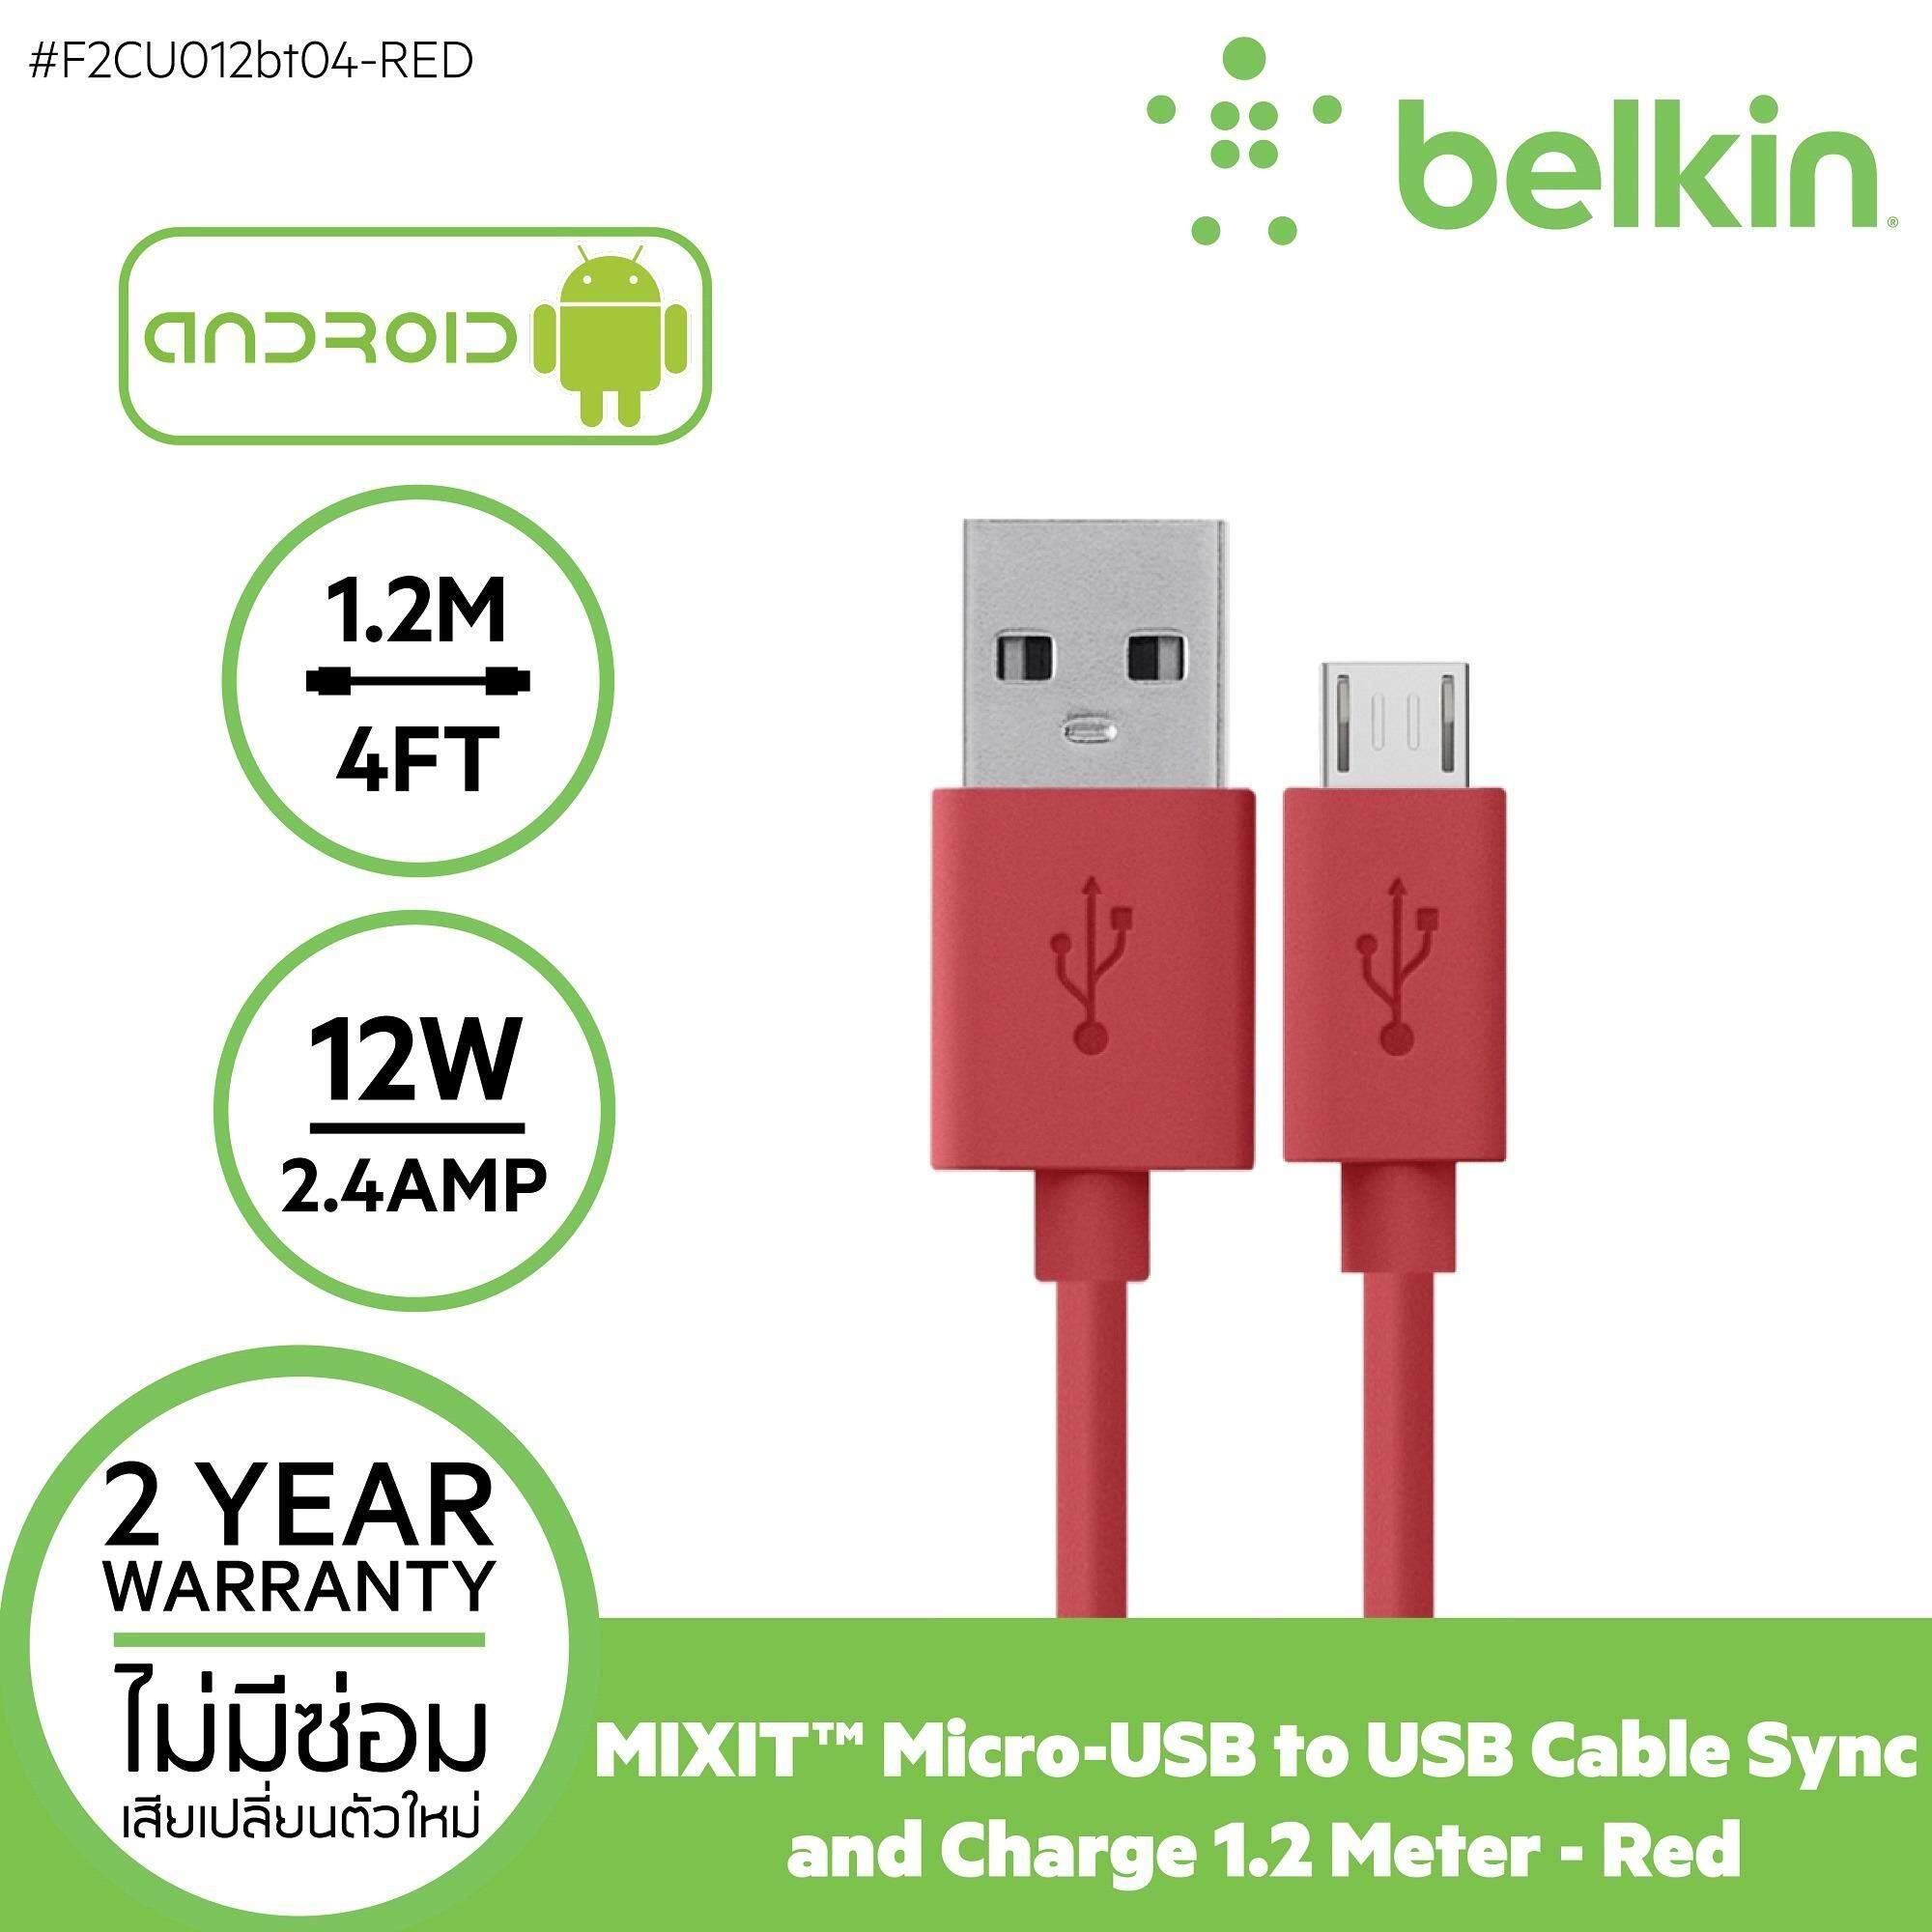 ส่วนลด Belkin สายชาร์จ ไมโคร ยูเอสบี 1 2 เมตร สำหรับแอนดรอยด์ ซัมซุง แบตเตอรี่สำรอง เบลคิน Belkin Mixit↑™ Micro Usb Chargesync Cable F2Cu012Bt04 Red กรุงเทพมหานคร